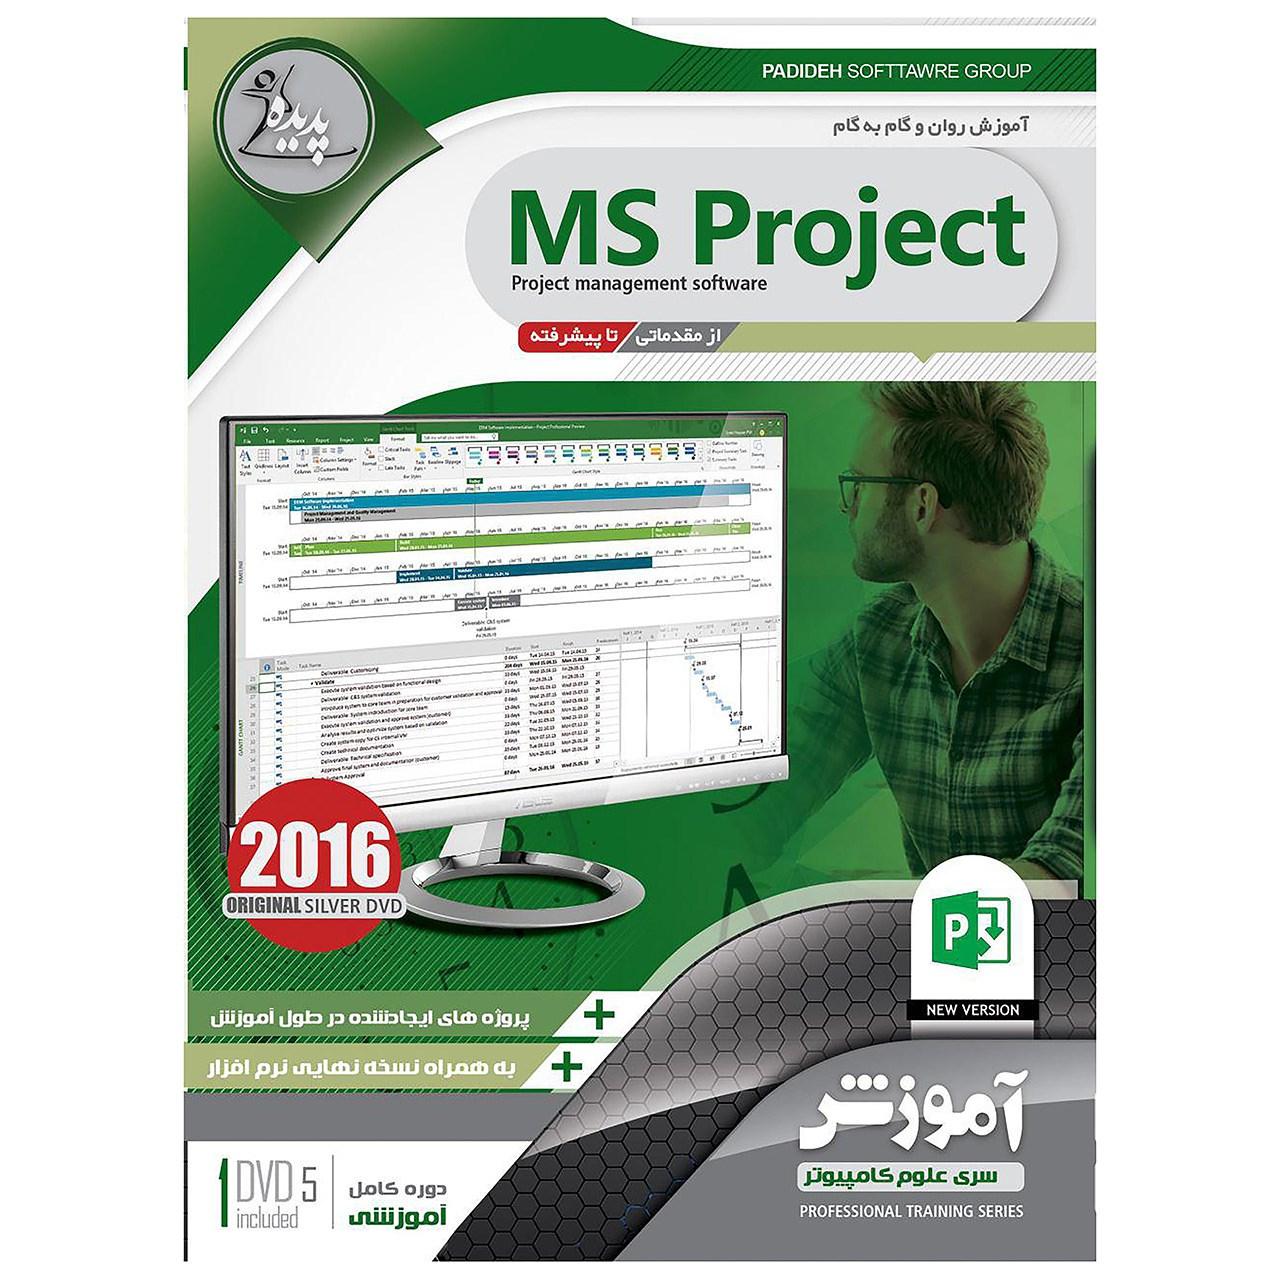 نرم افزار آموزش MS Project نشر پدیده سطح مقدماتی تا پیشرفته